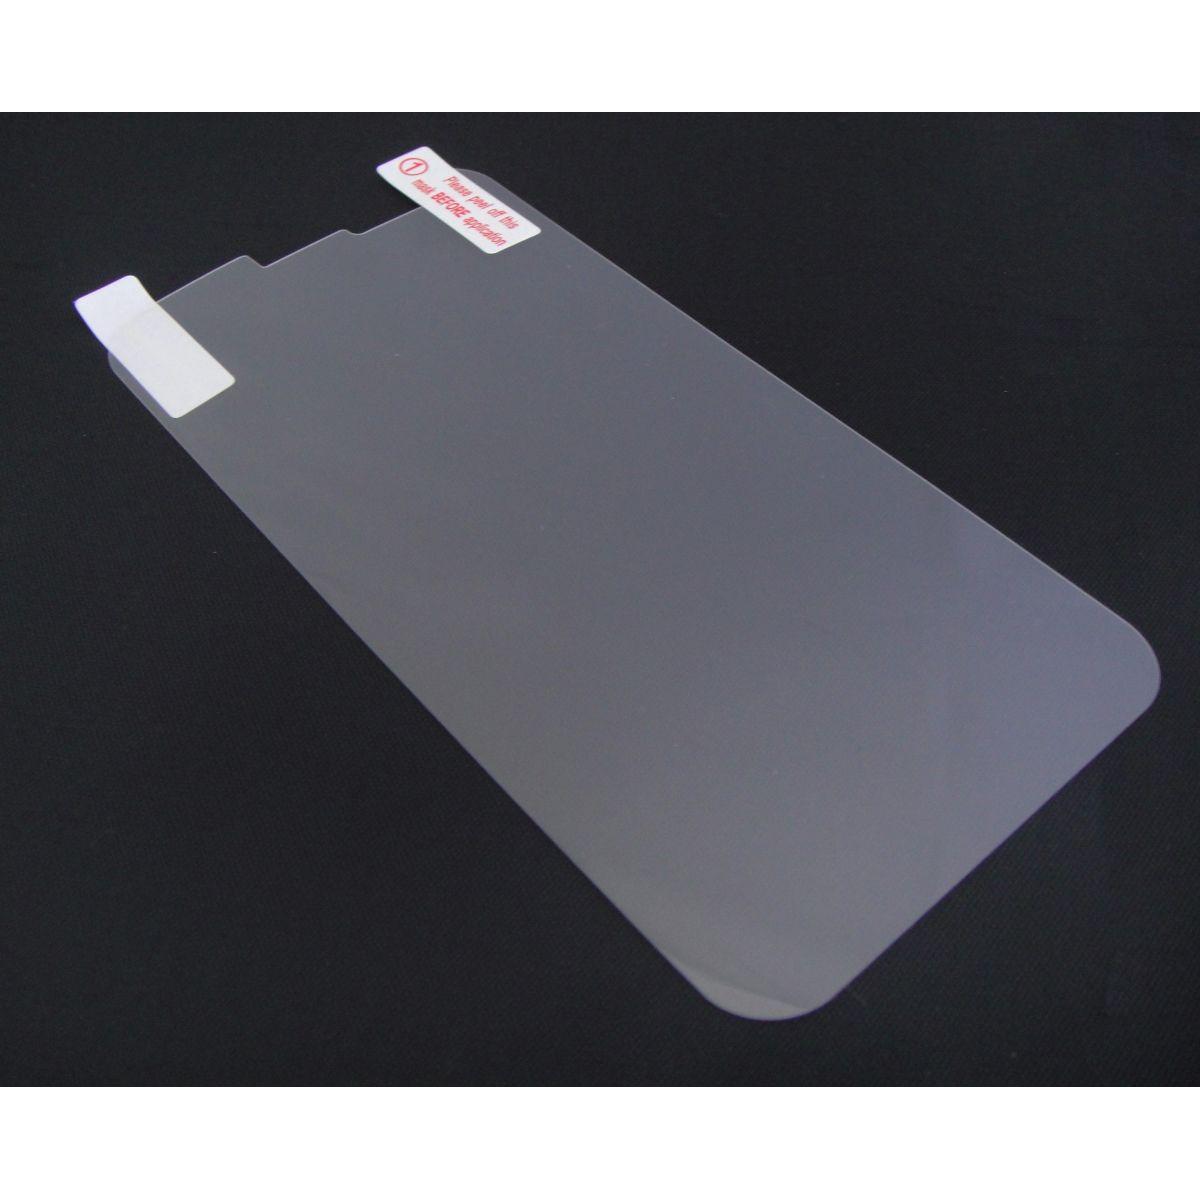 Pelicula Protetora para CCE Motion Plus SK504 Transparente